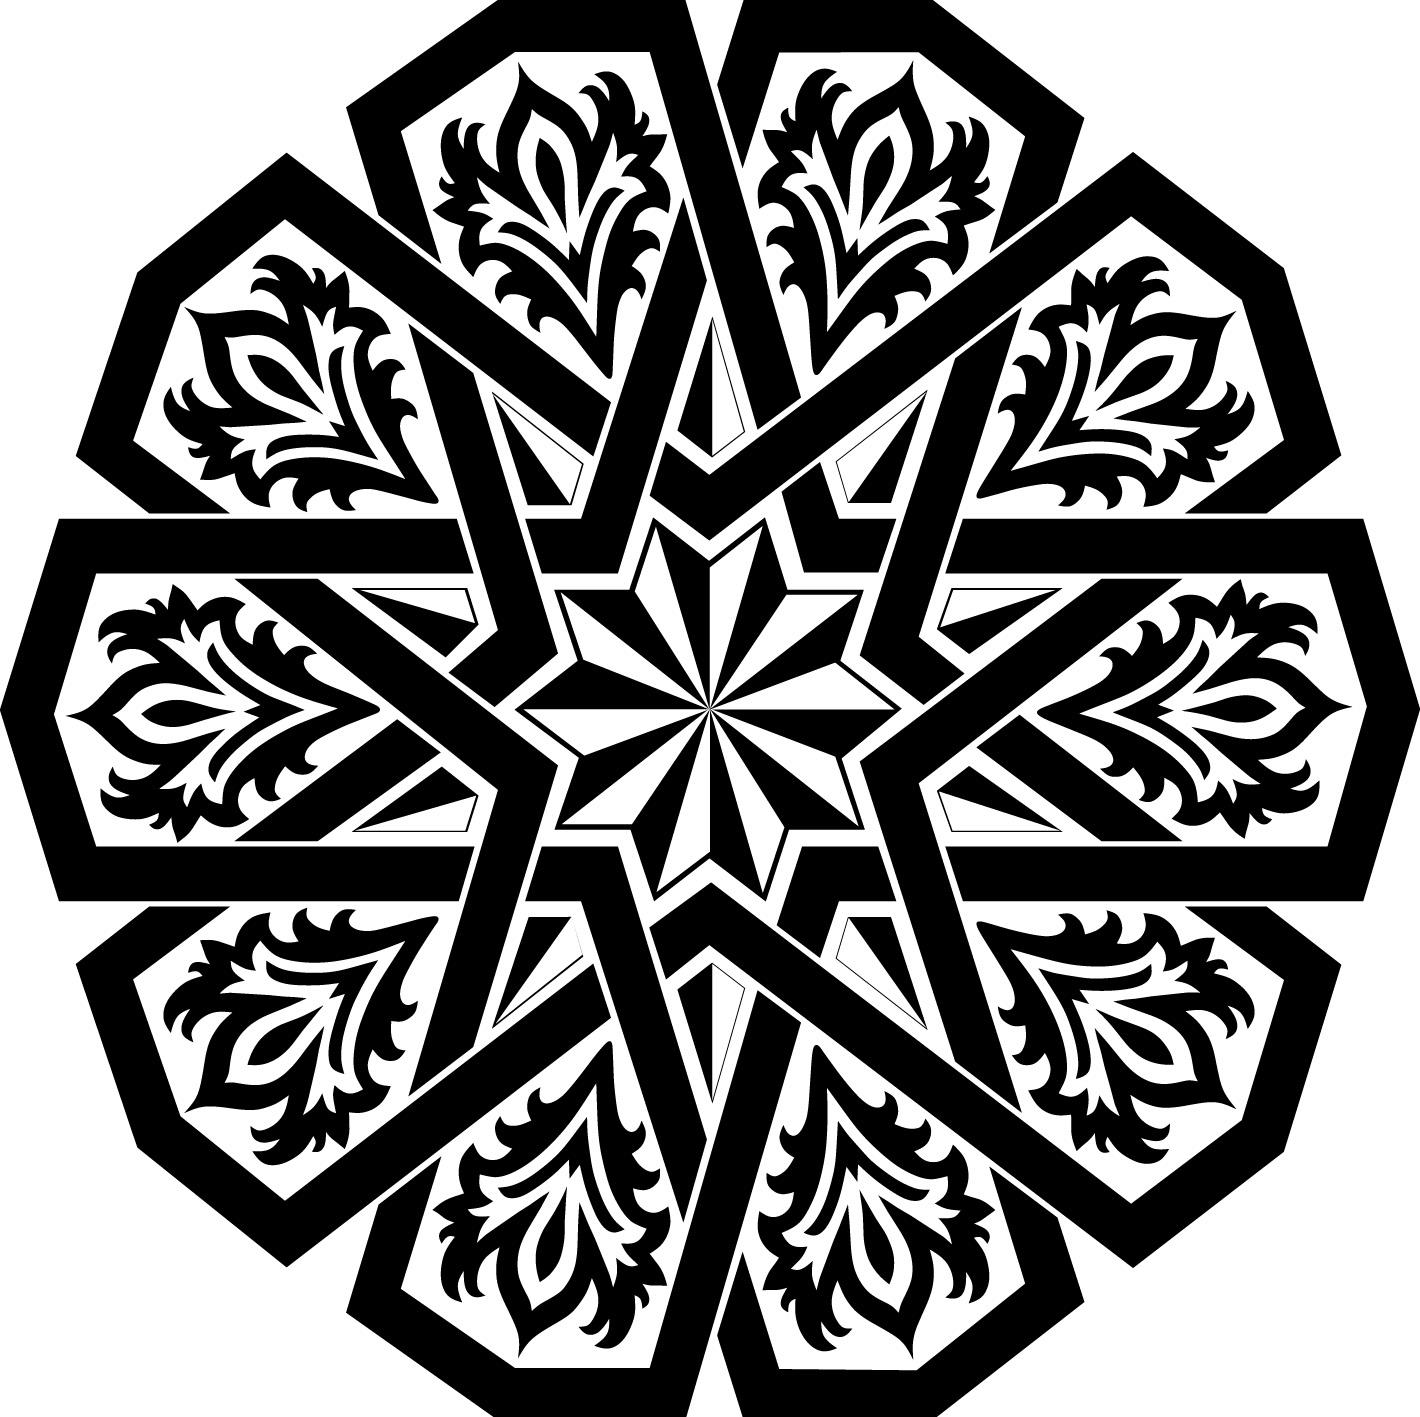 بالصور زخرفة اسلامية , صور لاشكال من الفن الاسلامي المميز 3614 8